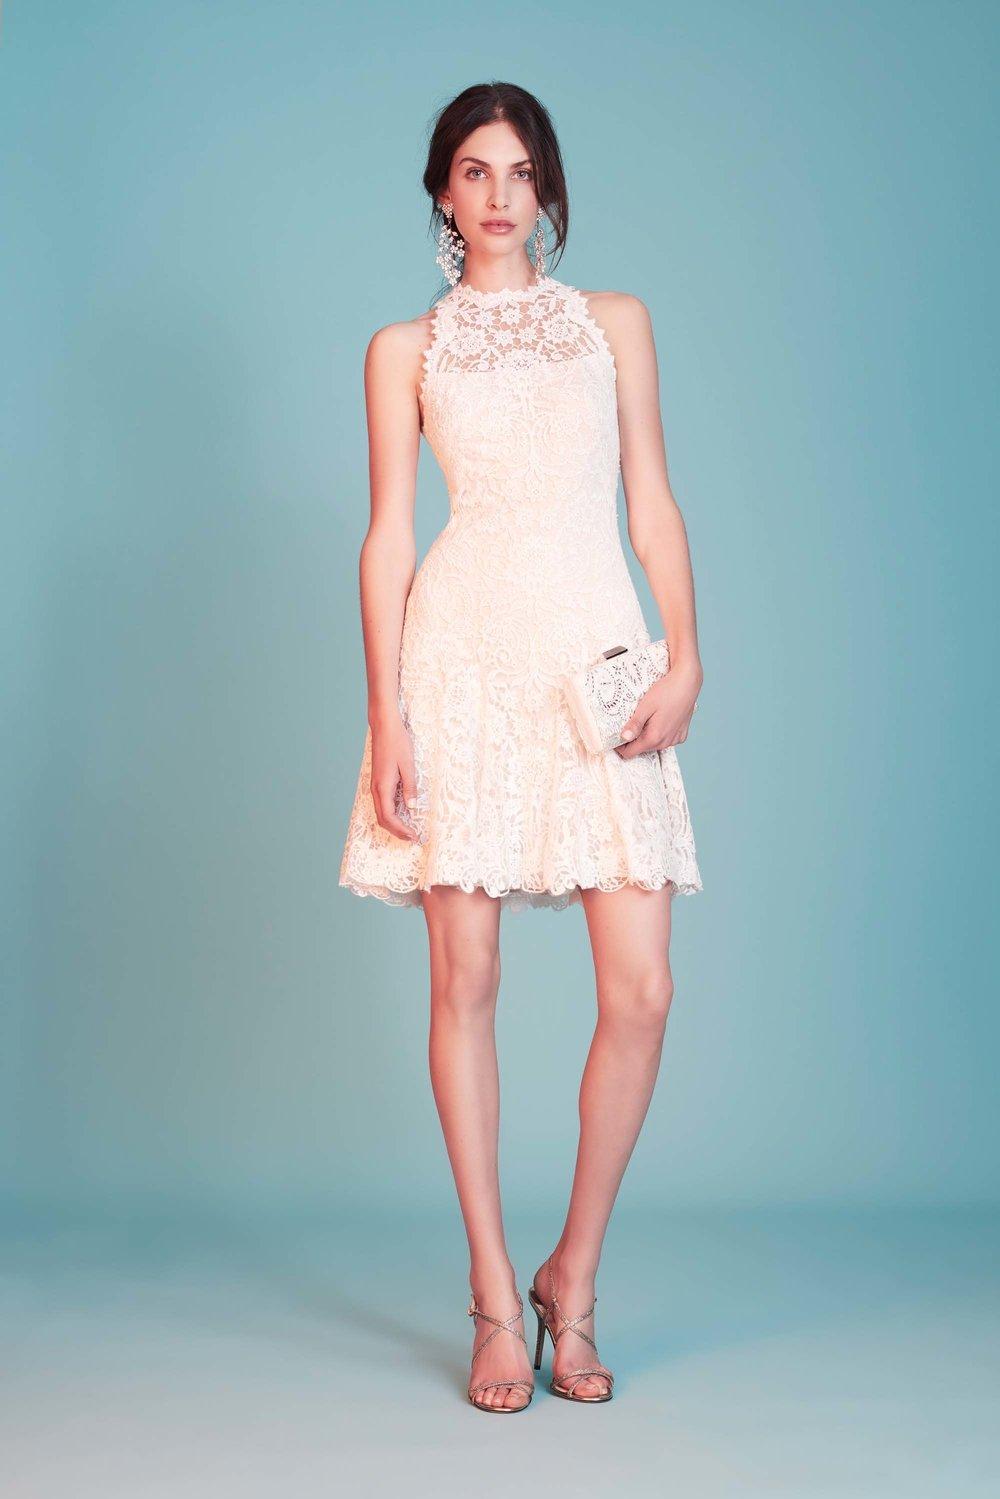 1172185fdeba Kort framtill, knälångt, minikjol - längden på klänningen bjuder den här  säsongen in till att visa upp benen. Extra snyggt är det om man har långa  ärmar så ...